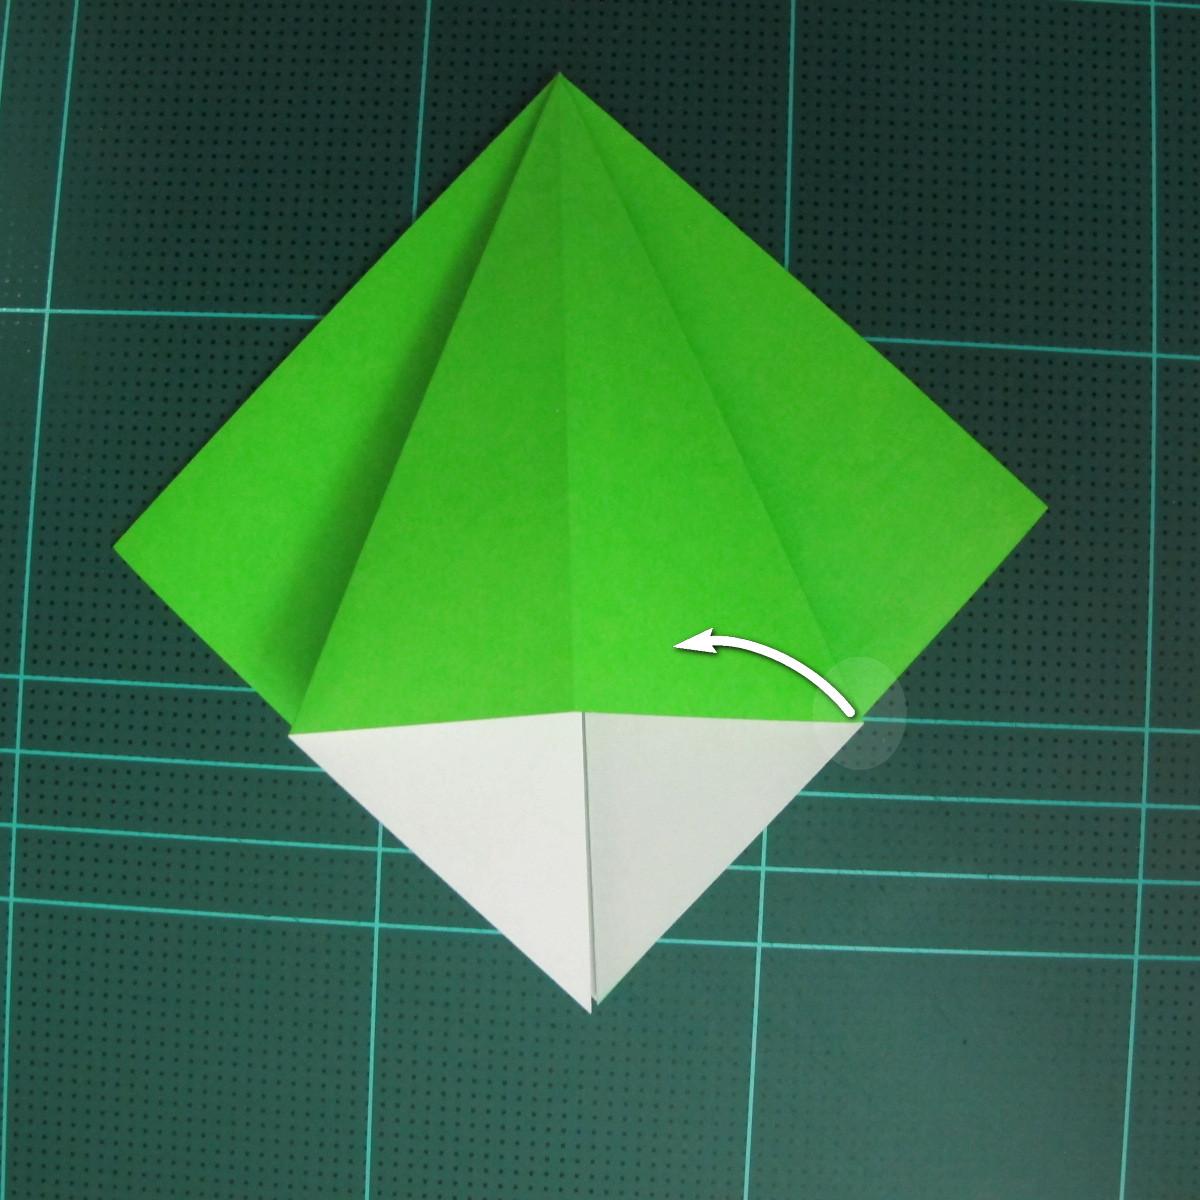 วิธีพับกระดาษเป็นจรวด X-WING สตาร์วอร์ (Origami X-WING) 009